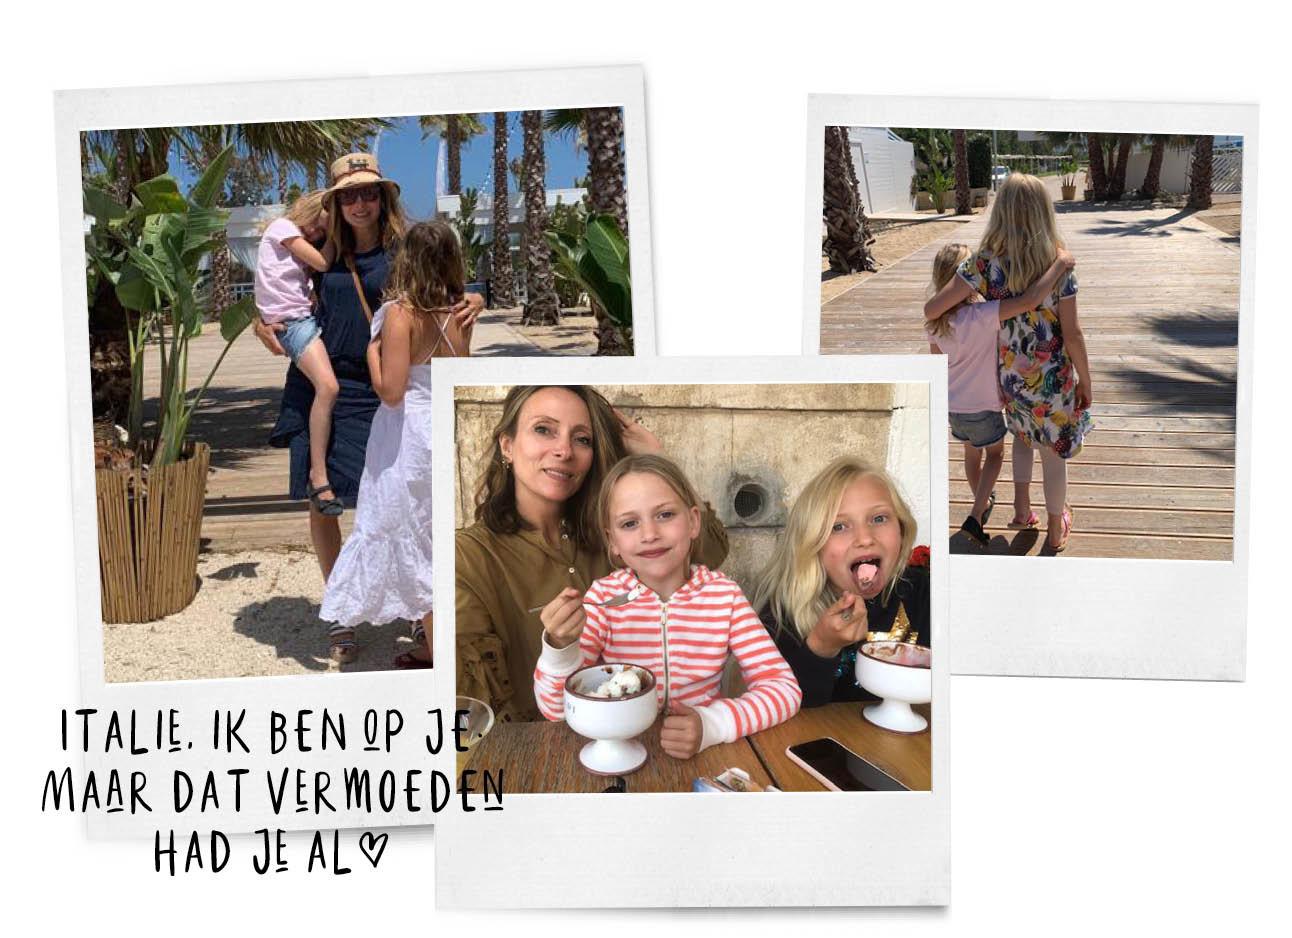 mays holiday, ijsjes eten met haar dochtertjes